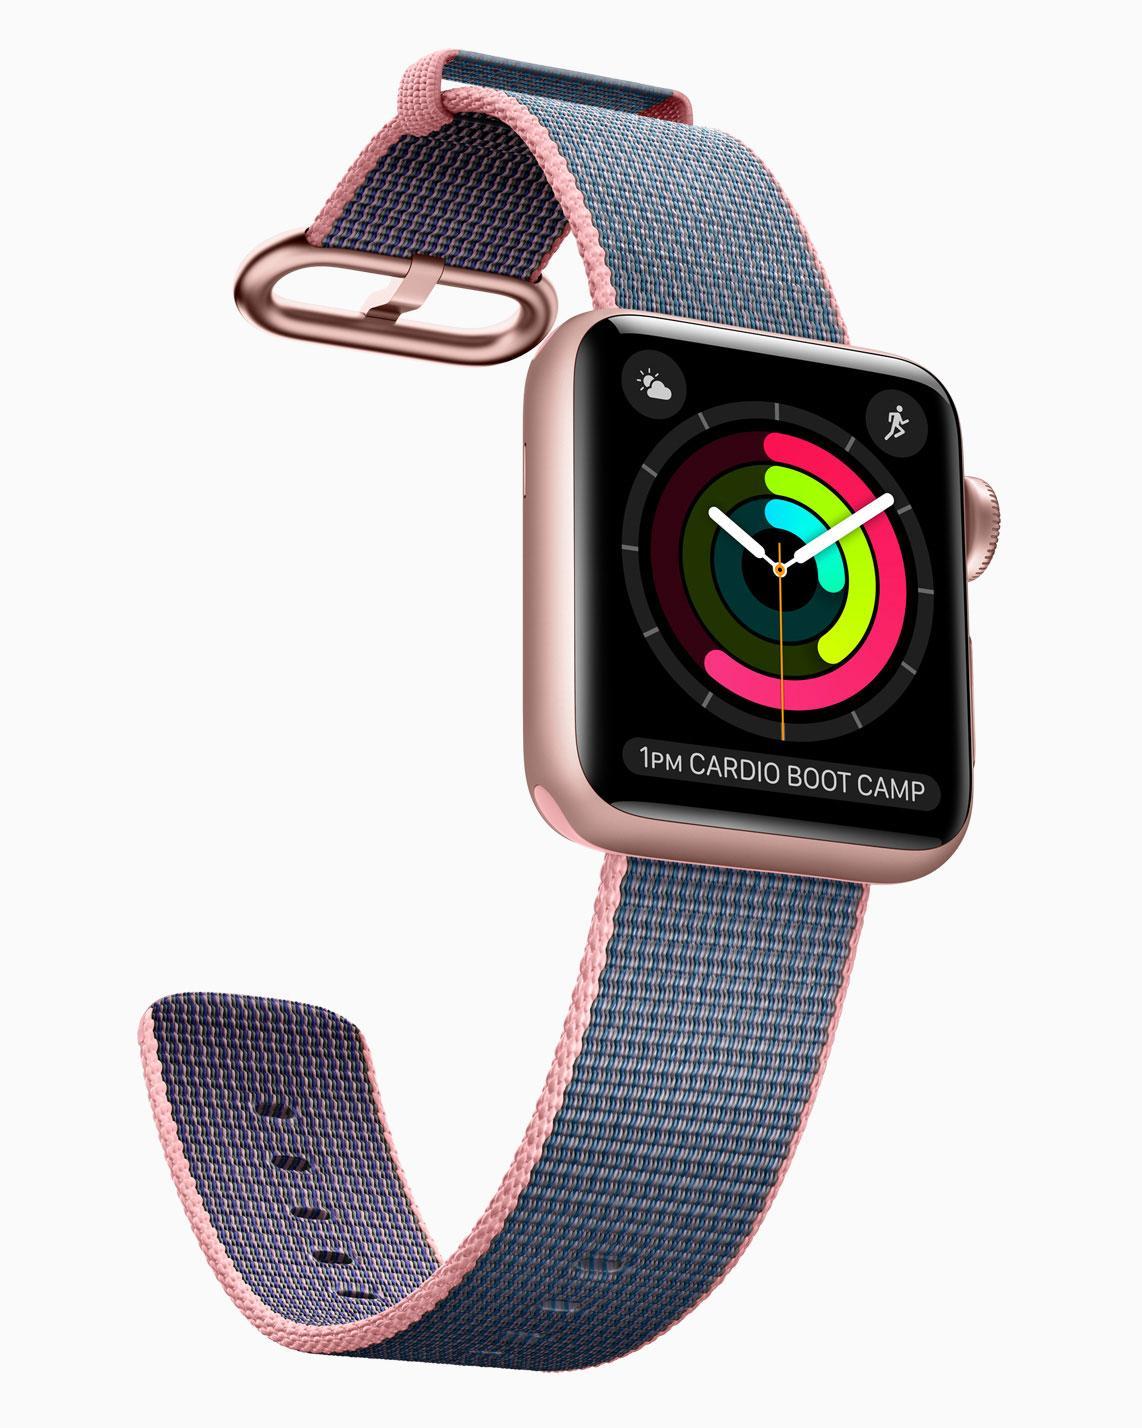 Apple Watch 2 con pantalla encendida